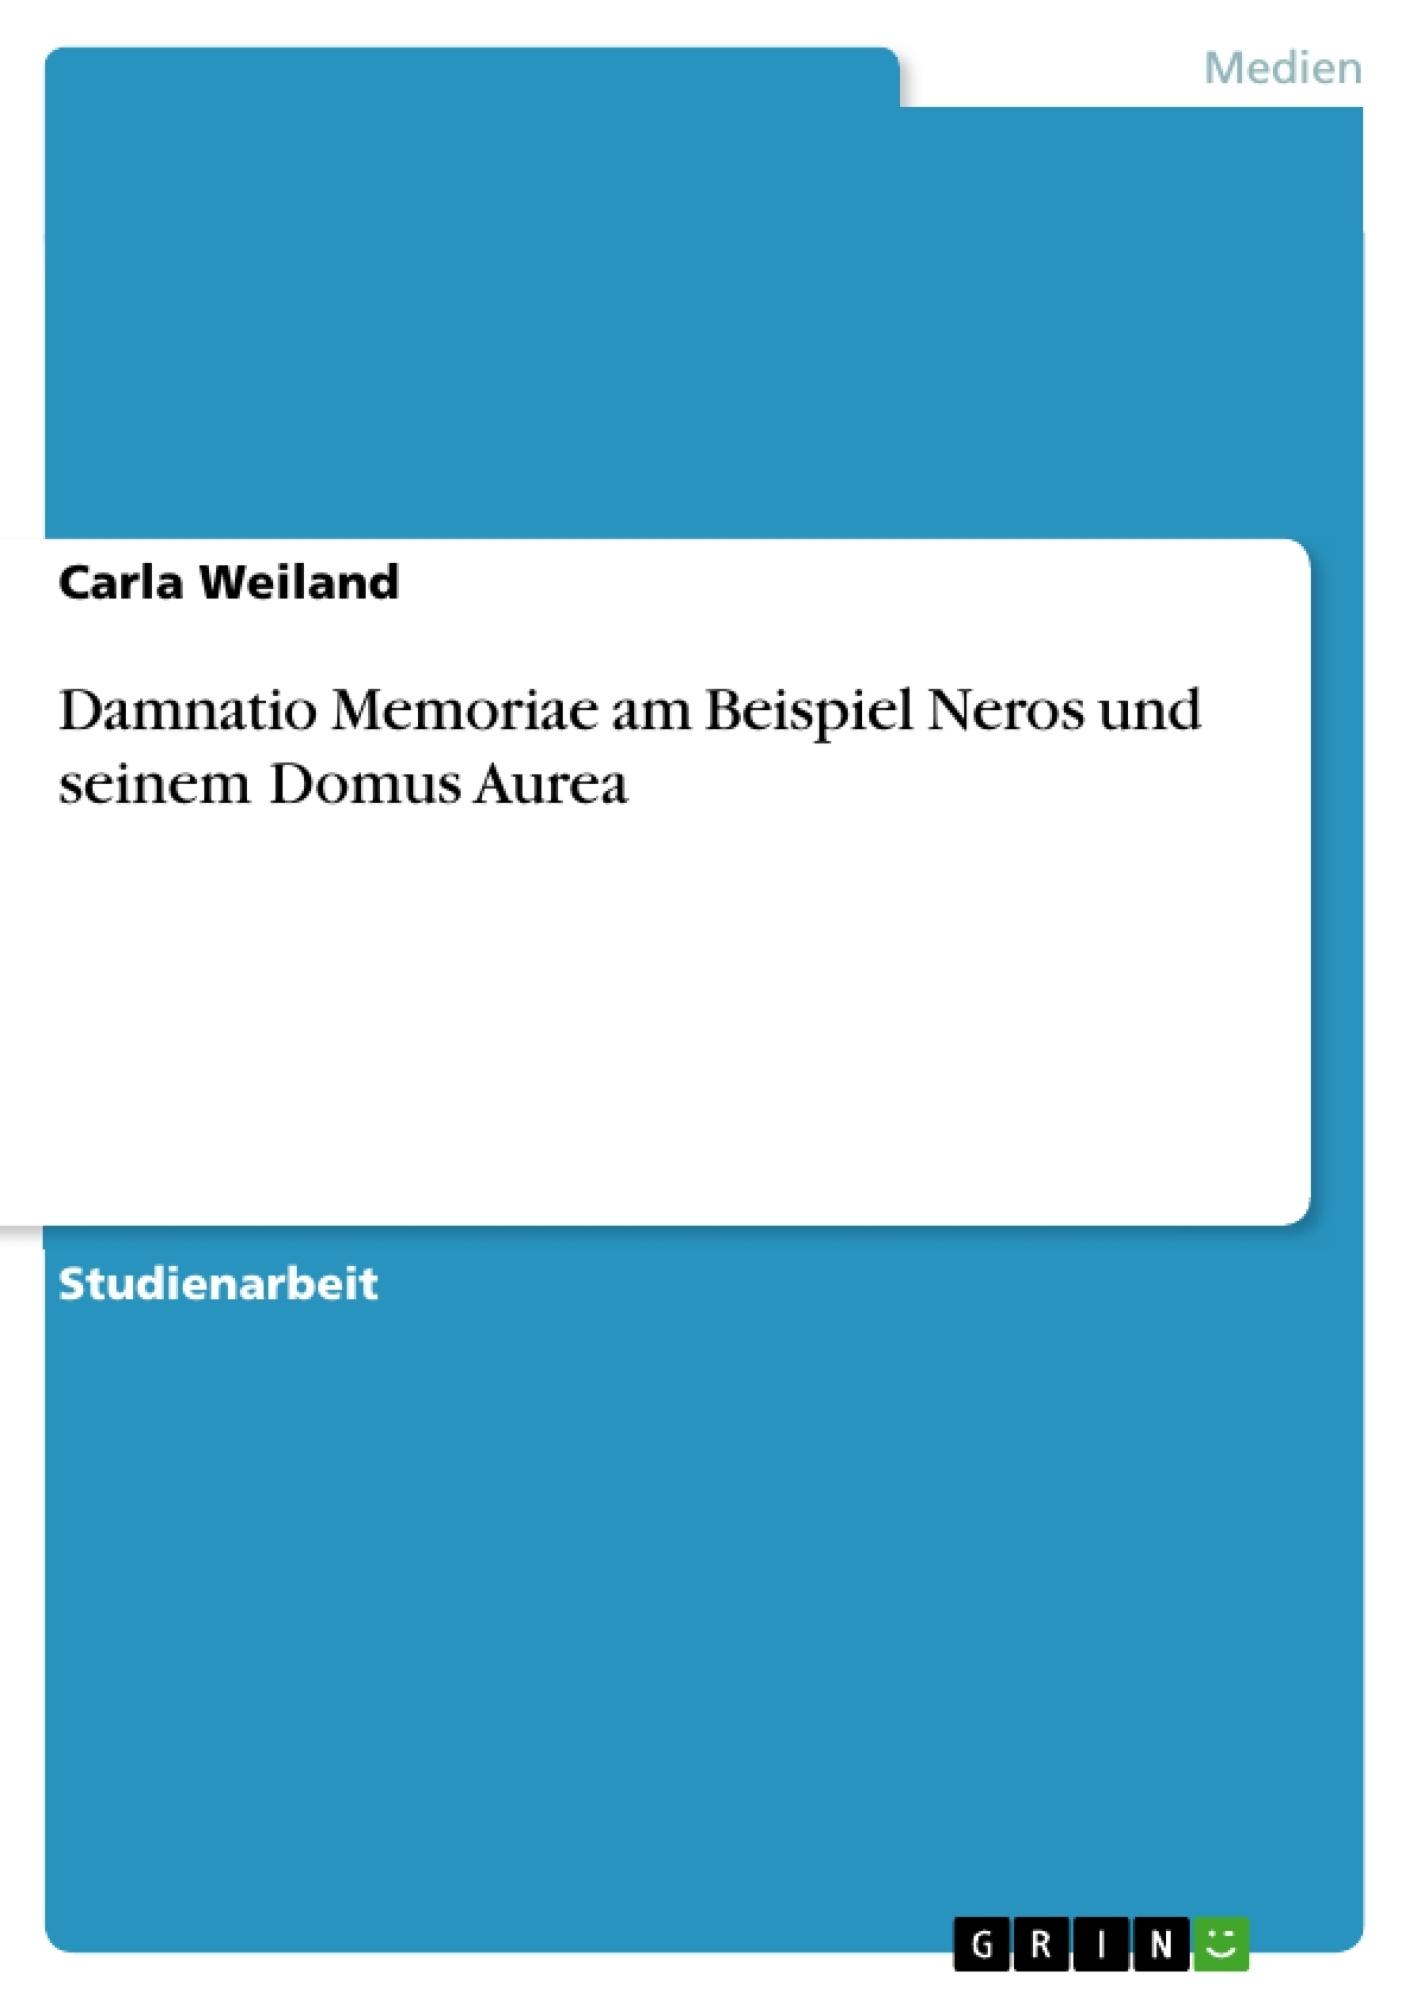 Titel: Damnatio Memoriae am Beispiel Neros und seinem Domus Aurea